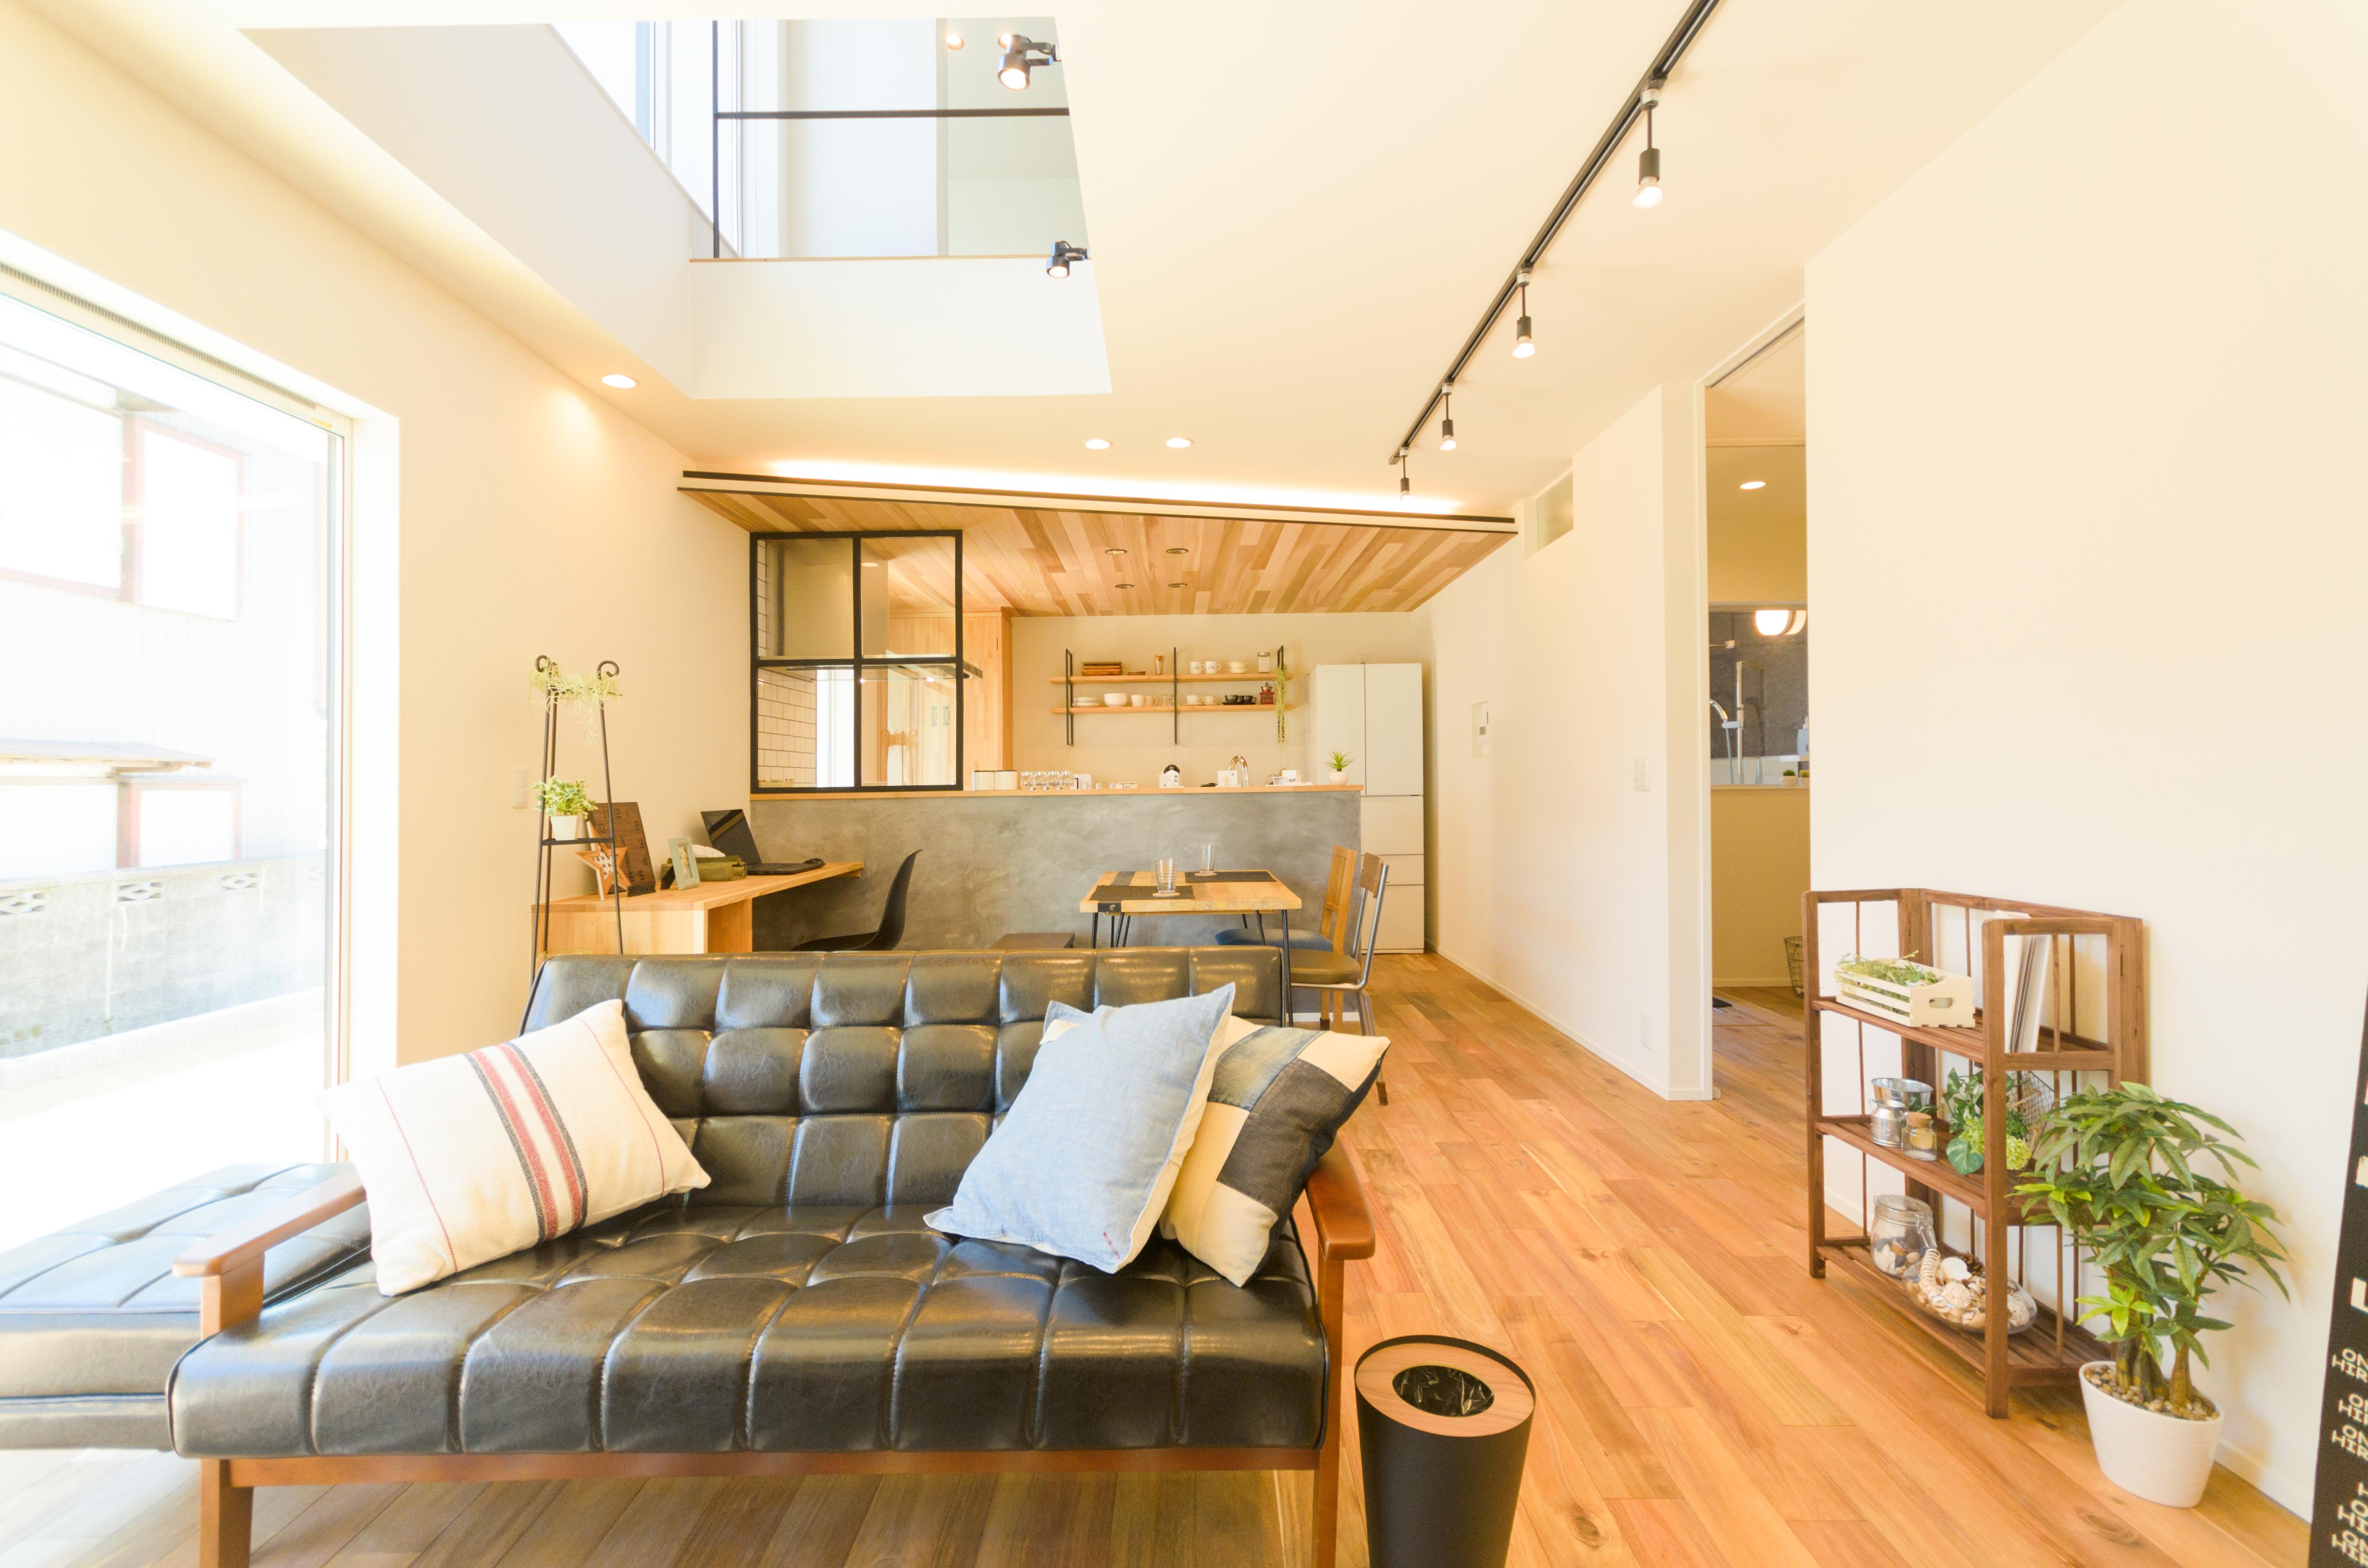 自然素材の注文住宅の健康面の魅力を紹介します!